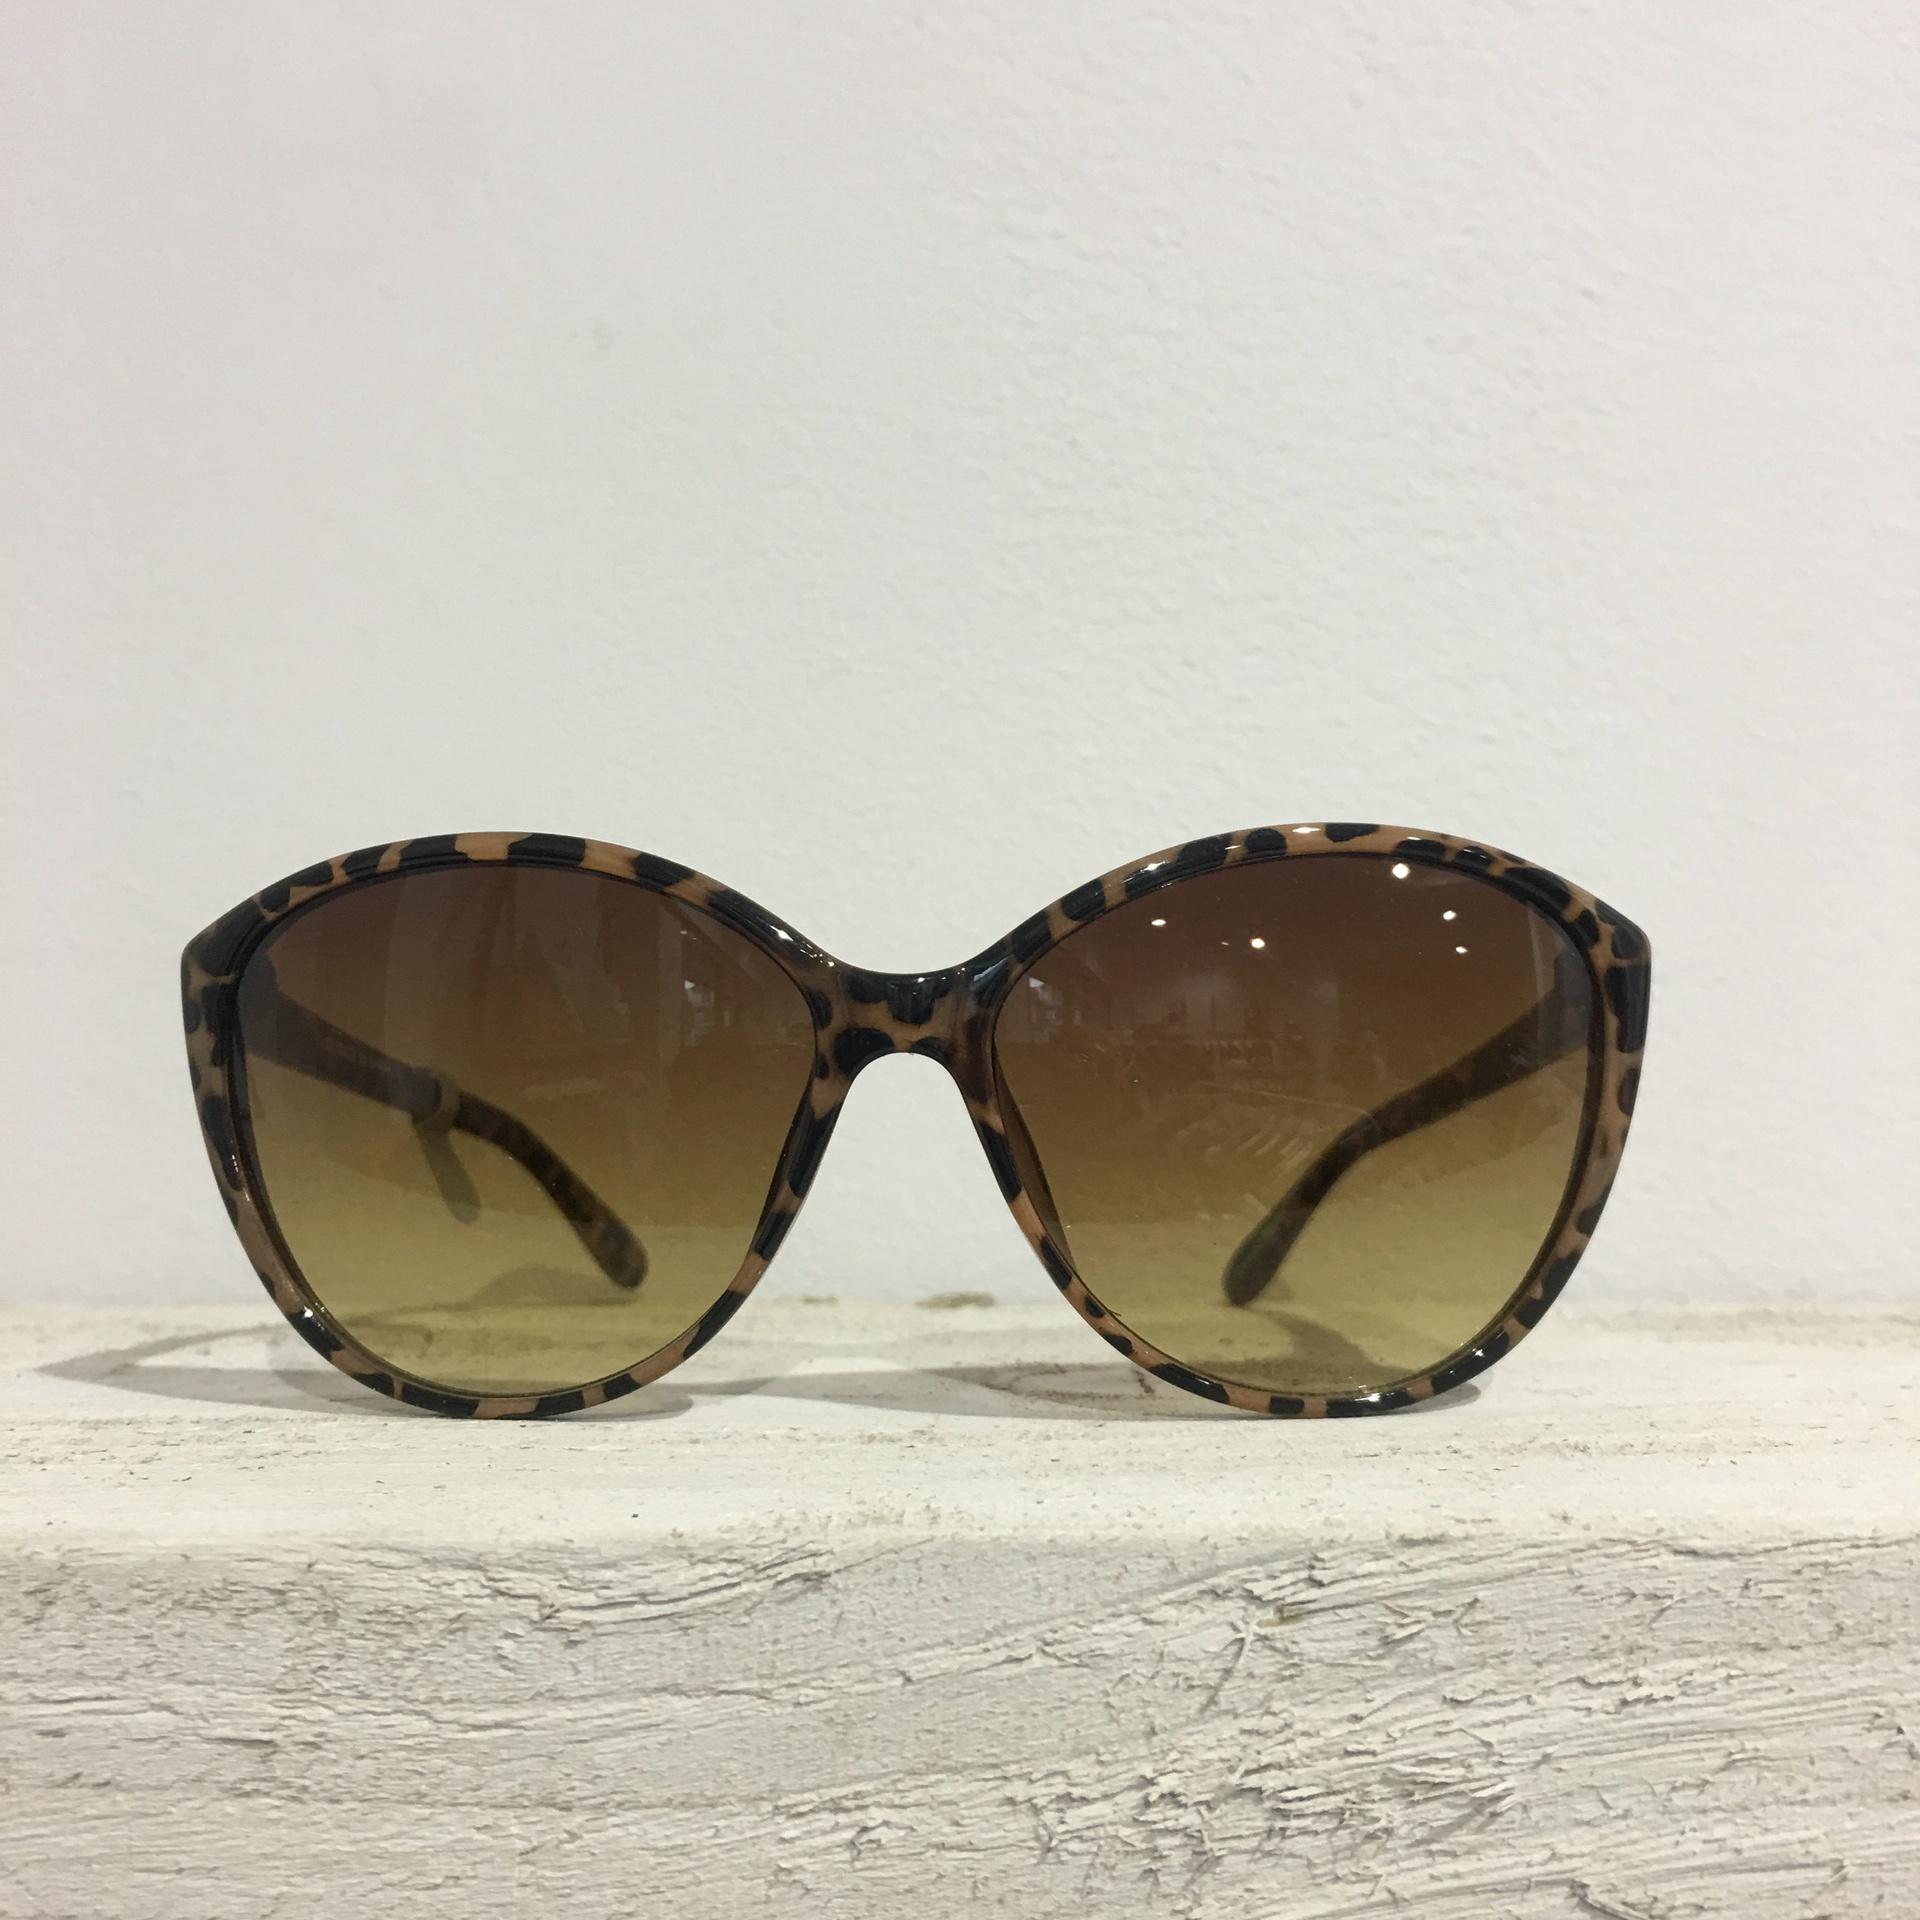 Sunglasses - Tortoise shell Jackie O